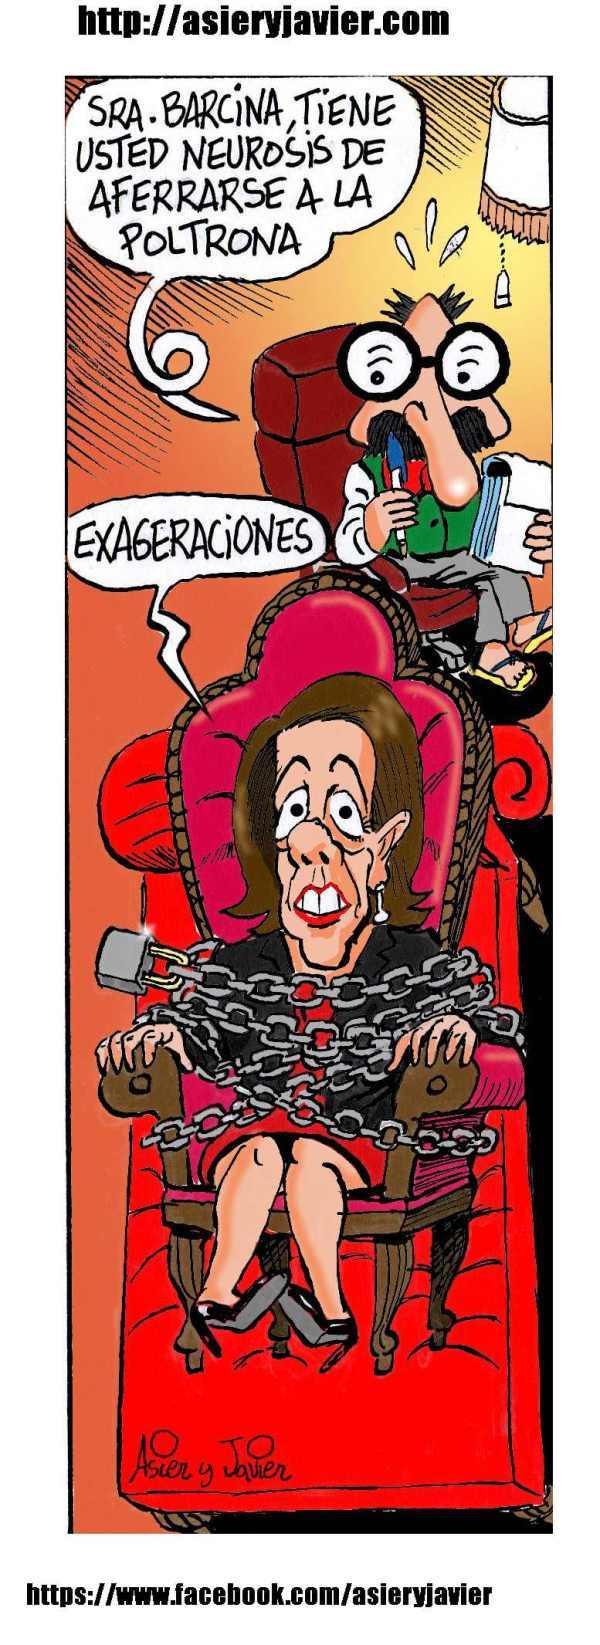 El doctor Txok, Yolanada Barcina y la poltona navarra. Humor, caricatura.